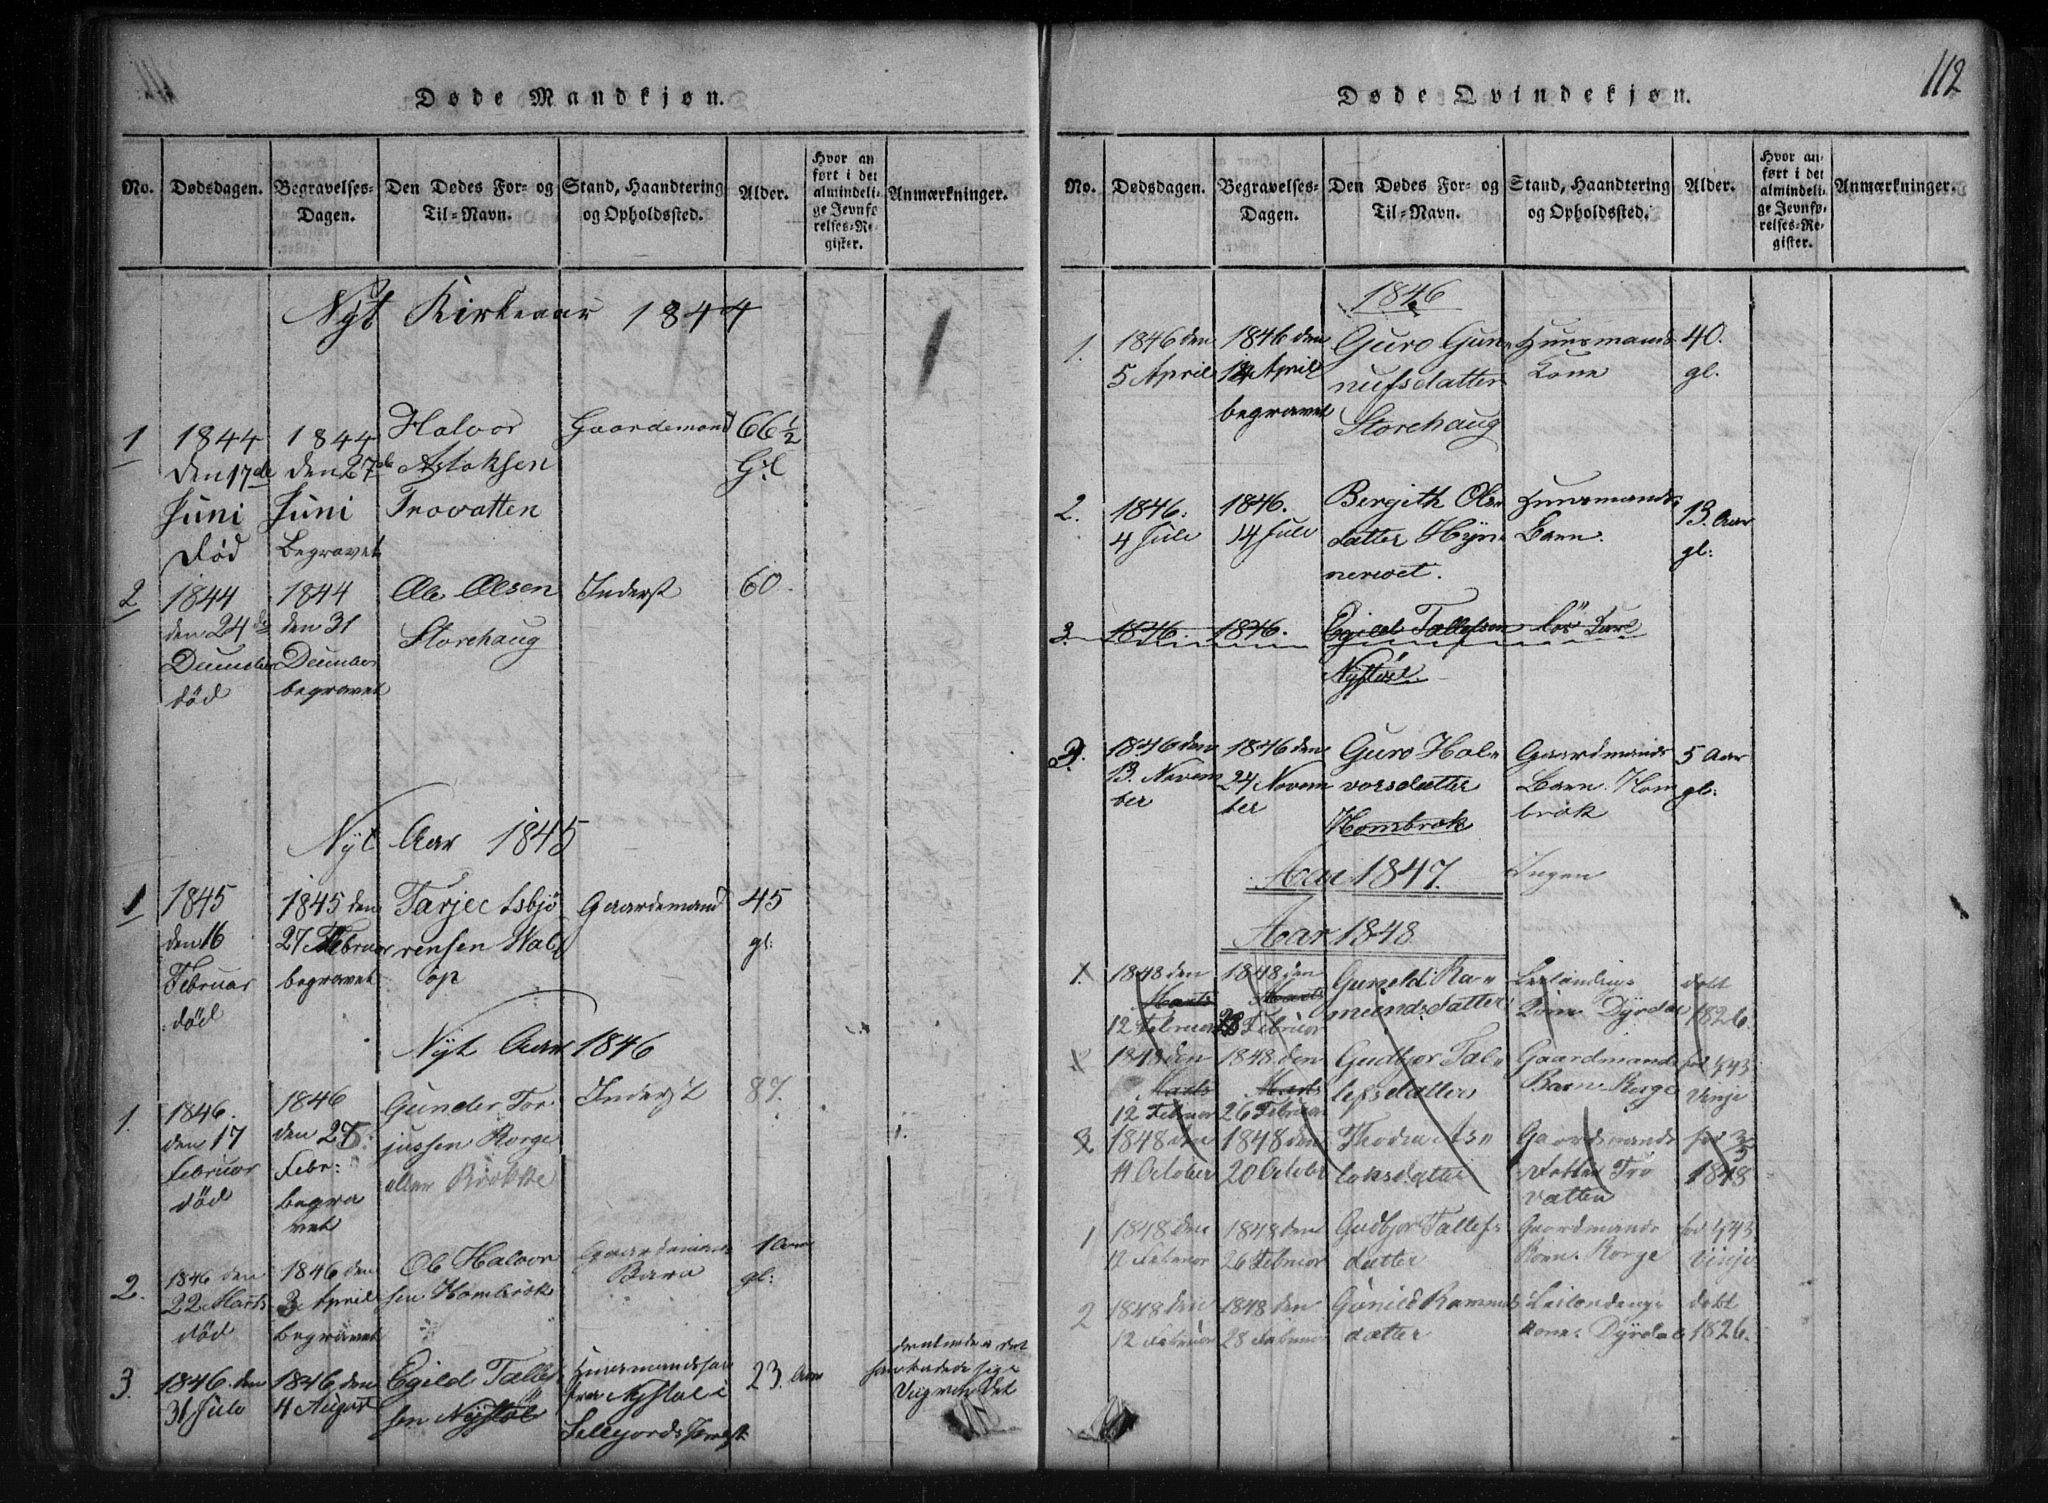 SAKO, Rauland kirkebøker, G/Gb/L0001: Klokkerbok nr. II 1, 1815-1886, s. 112